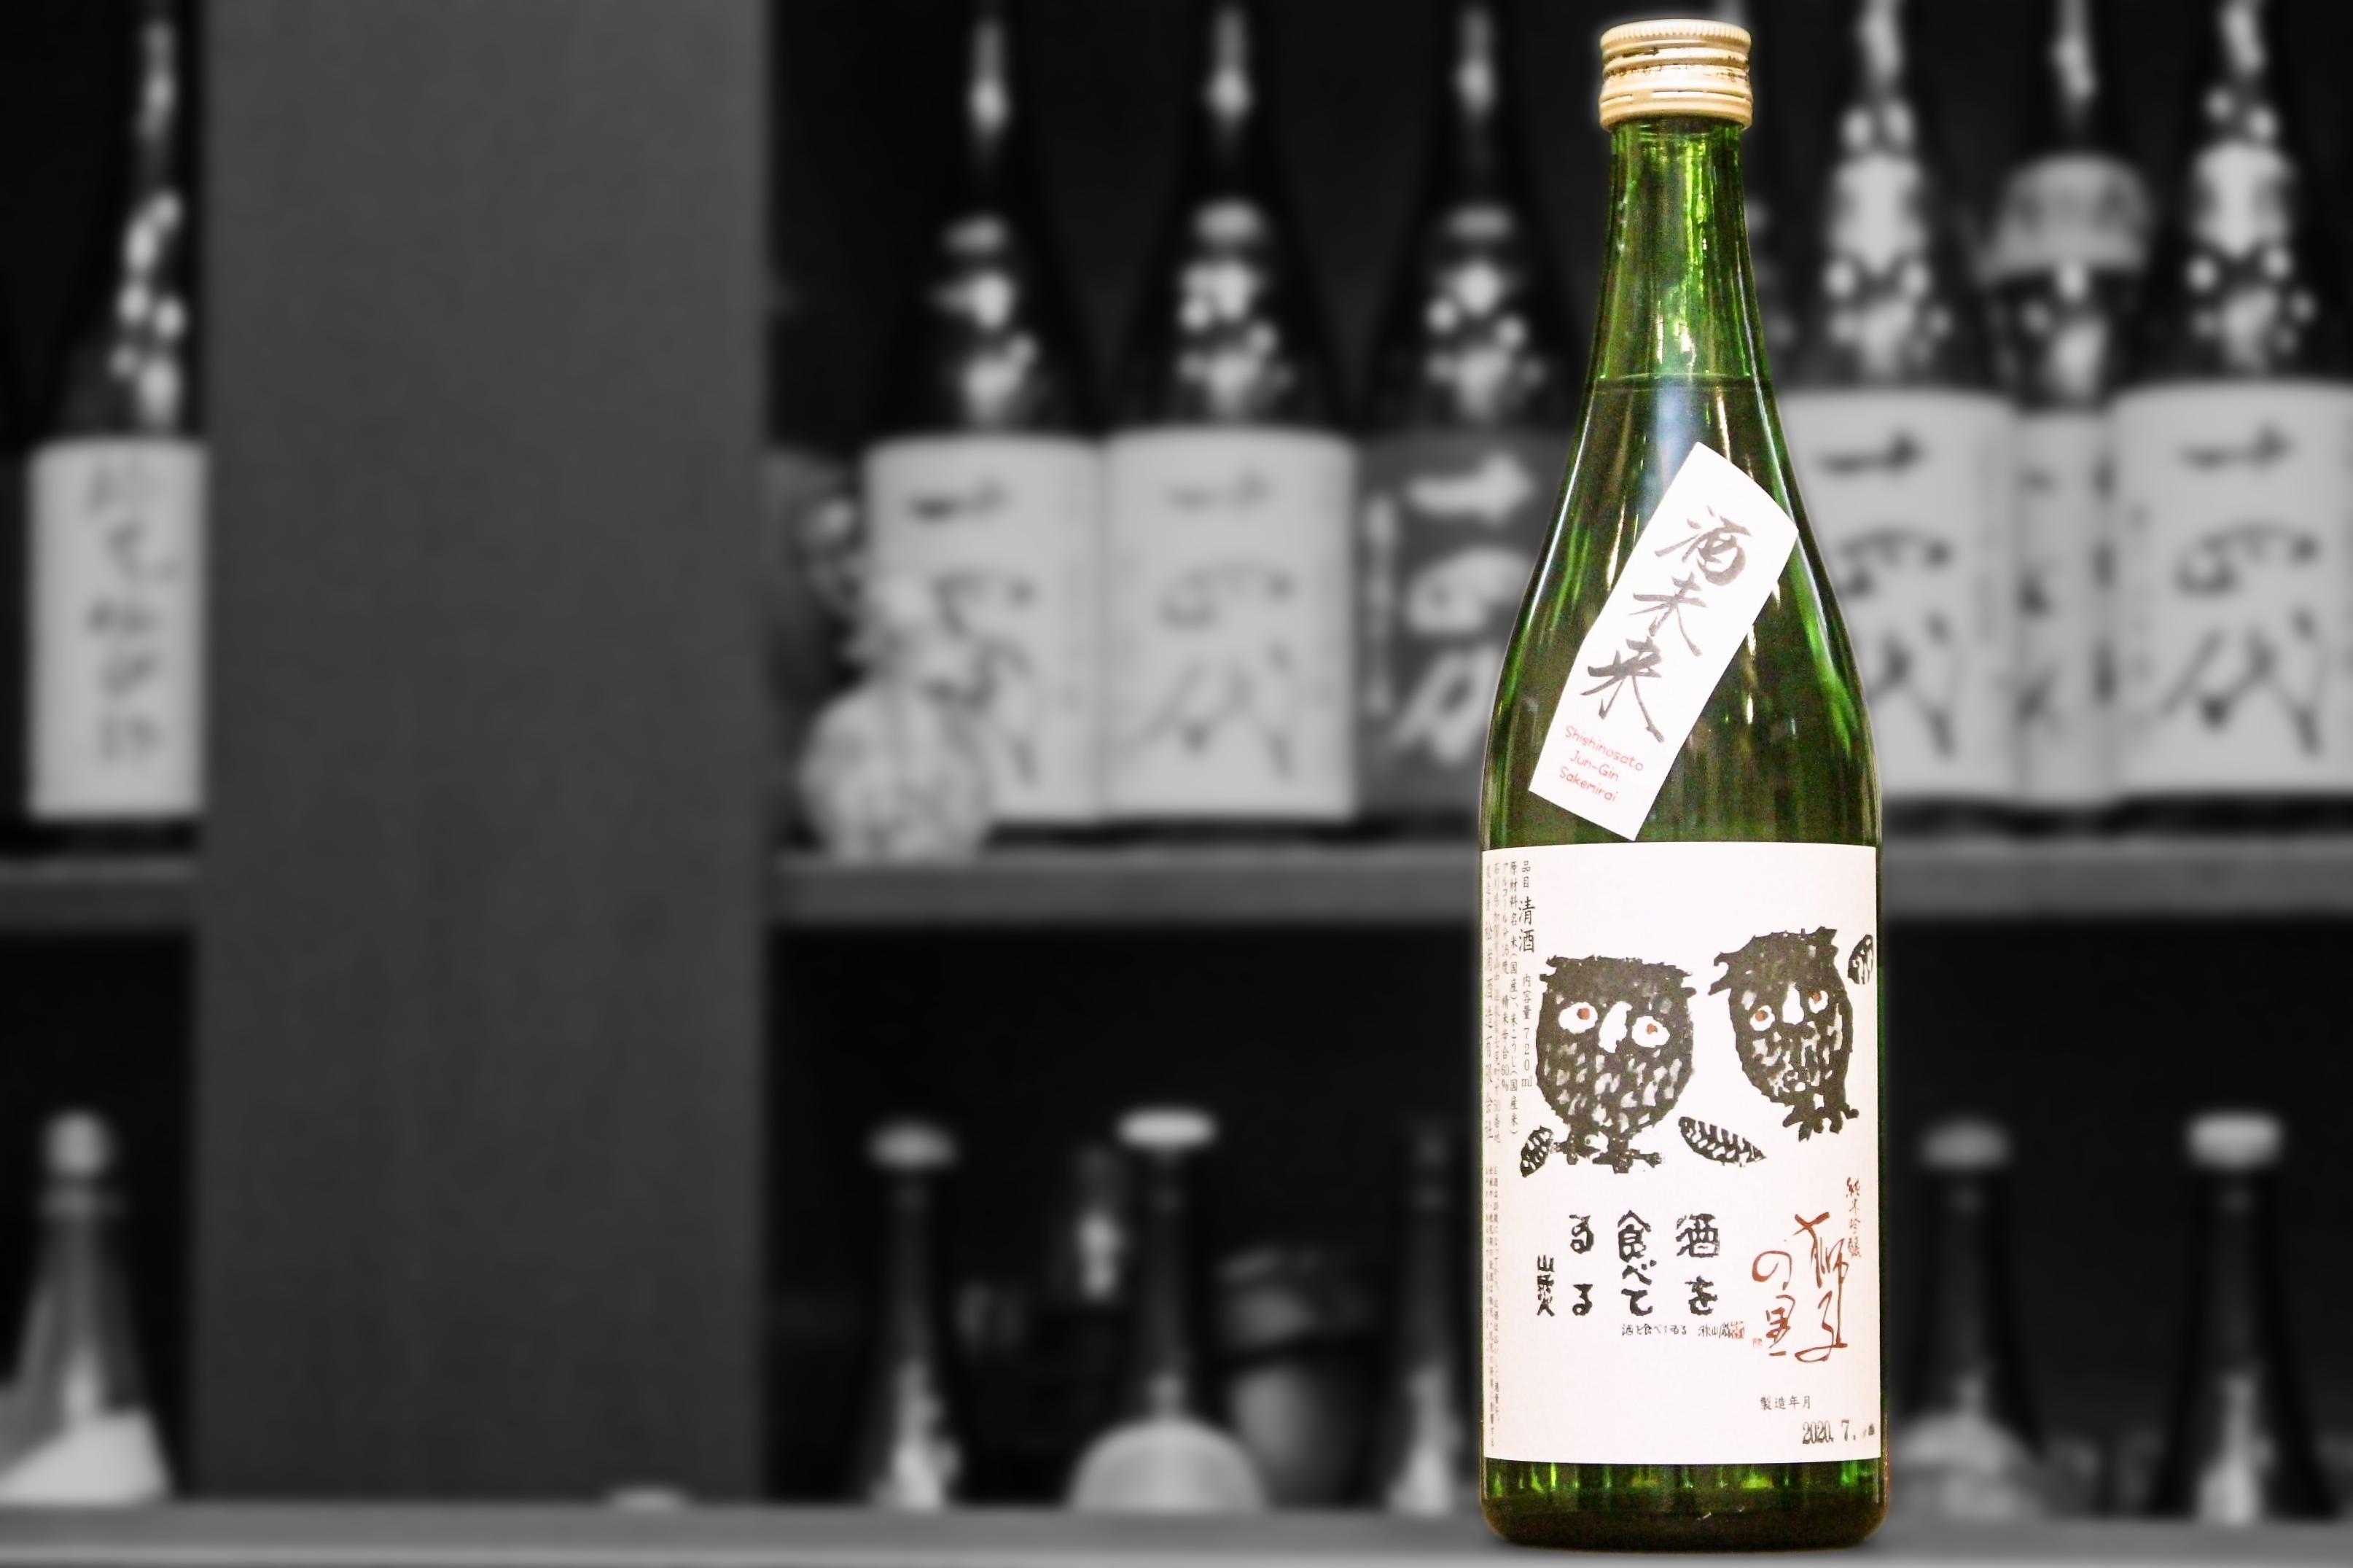 獅子の里純米吟醸酒未来202007-001